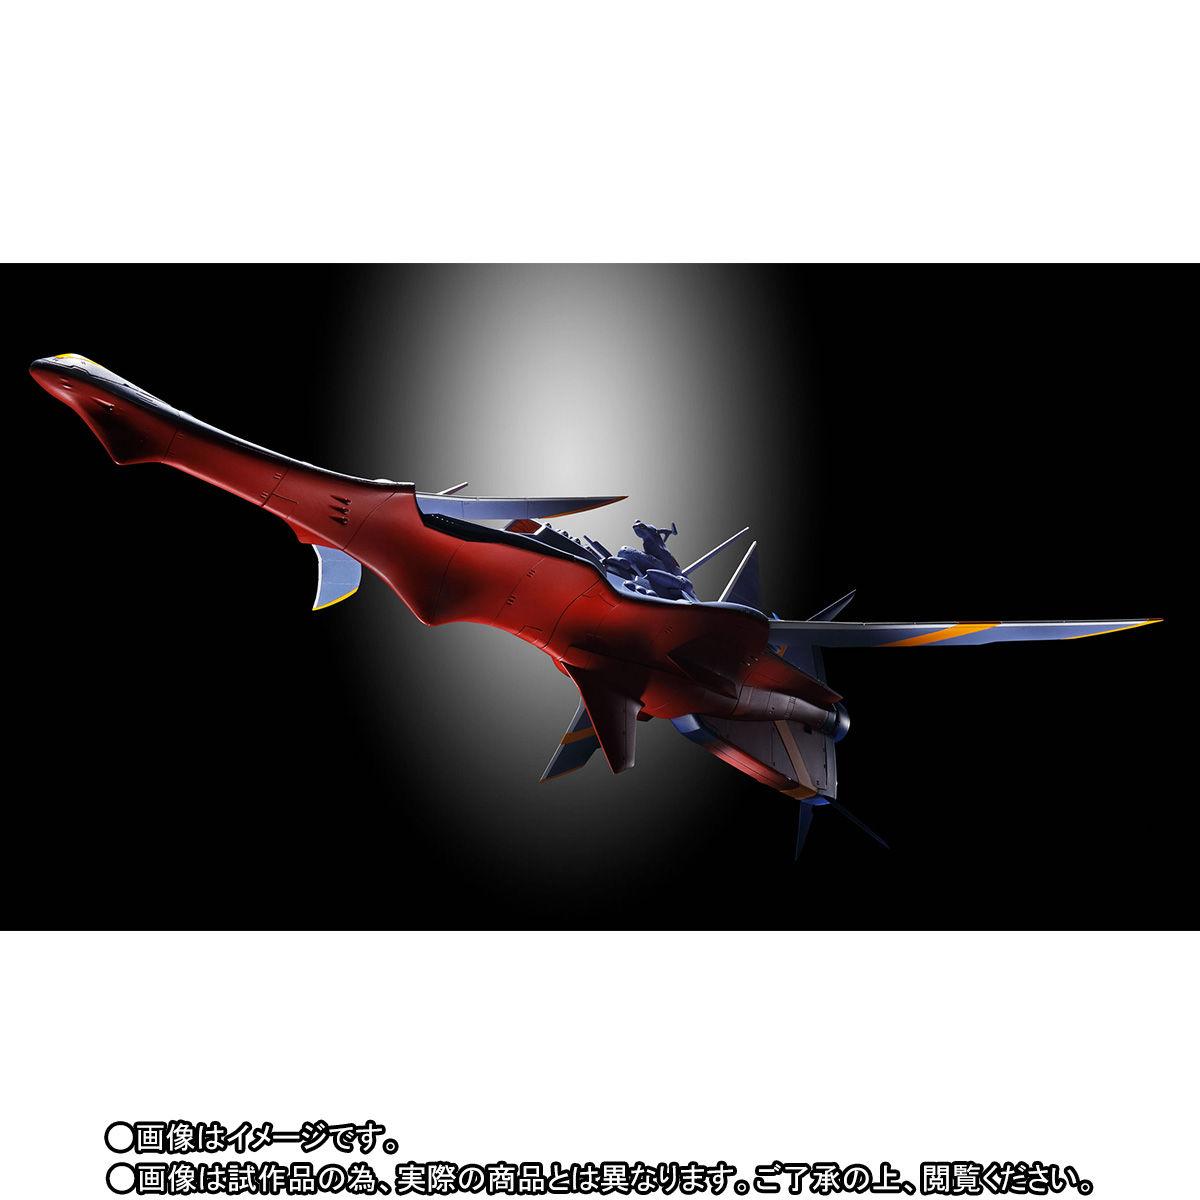 超合金魂 GX-80 万能戦艦 Ν-ノーチラス号(通常版)-008